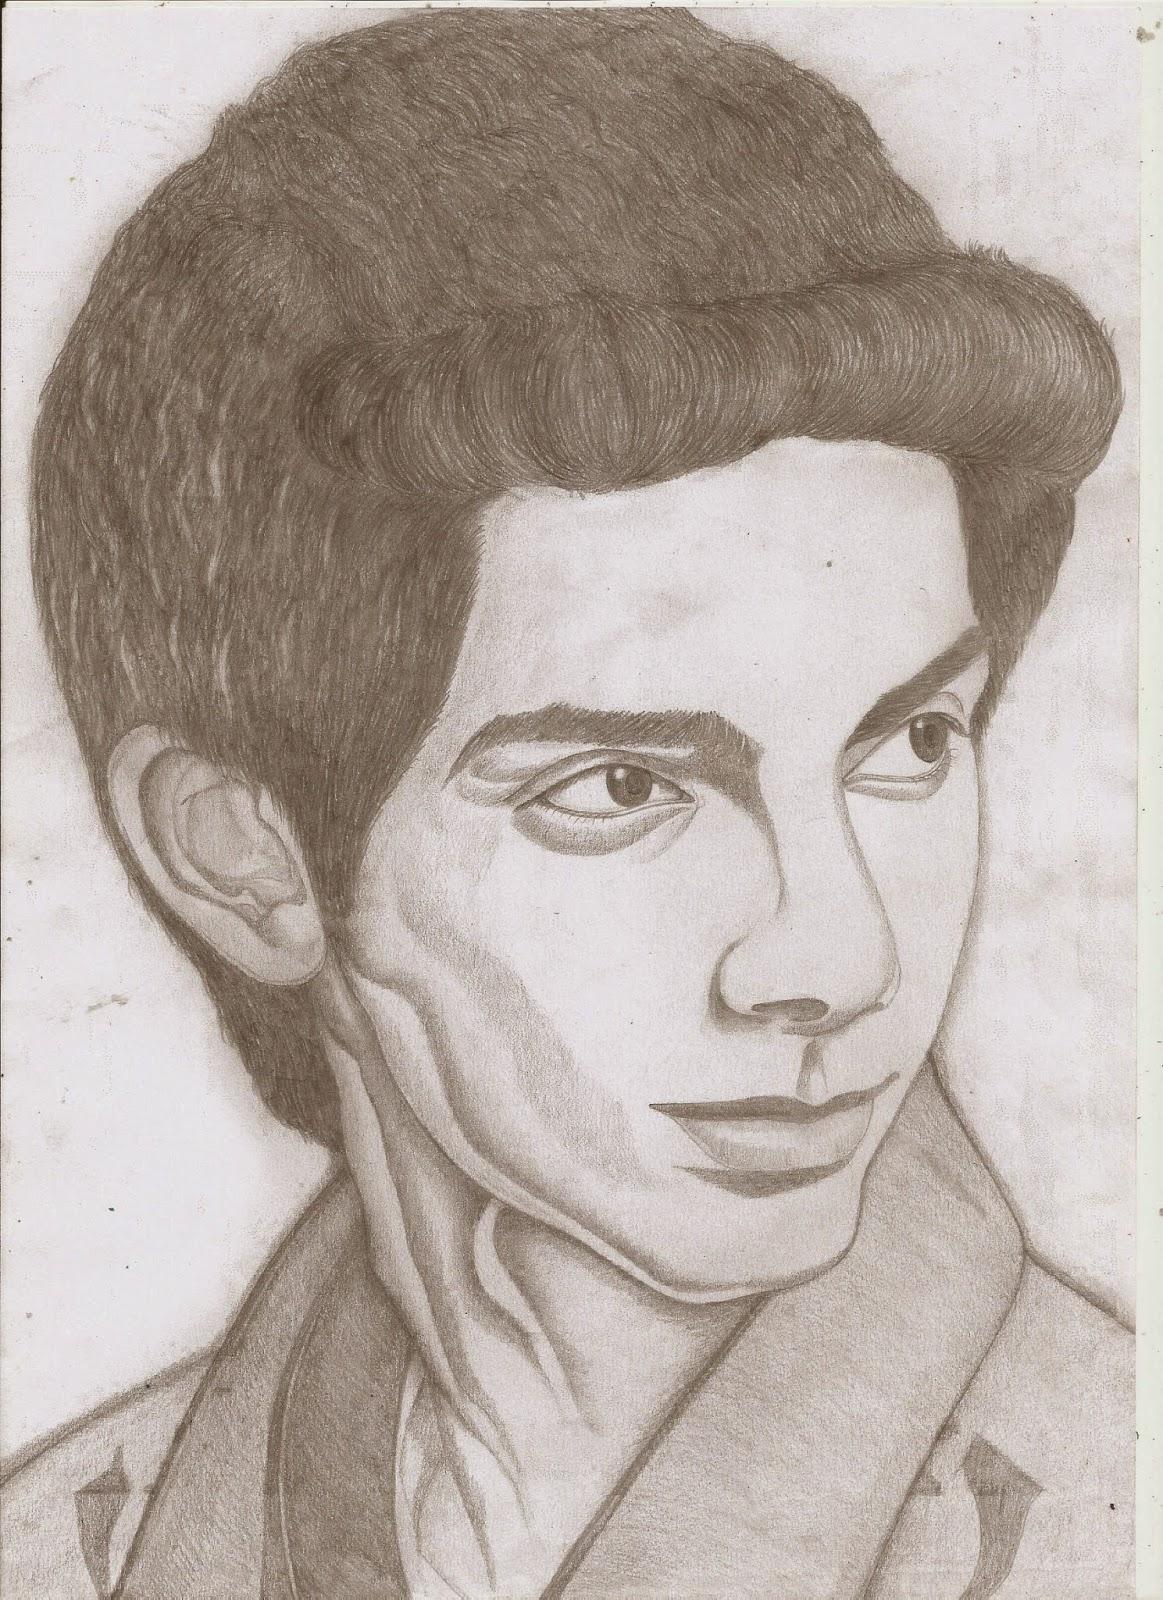 Jackhi pencil drawing anirudh pencil sketch jackhi pencil